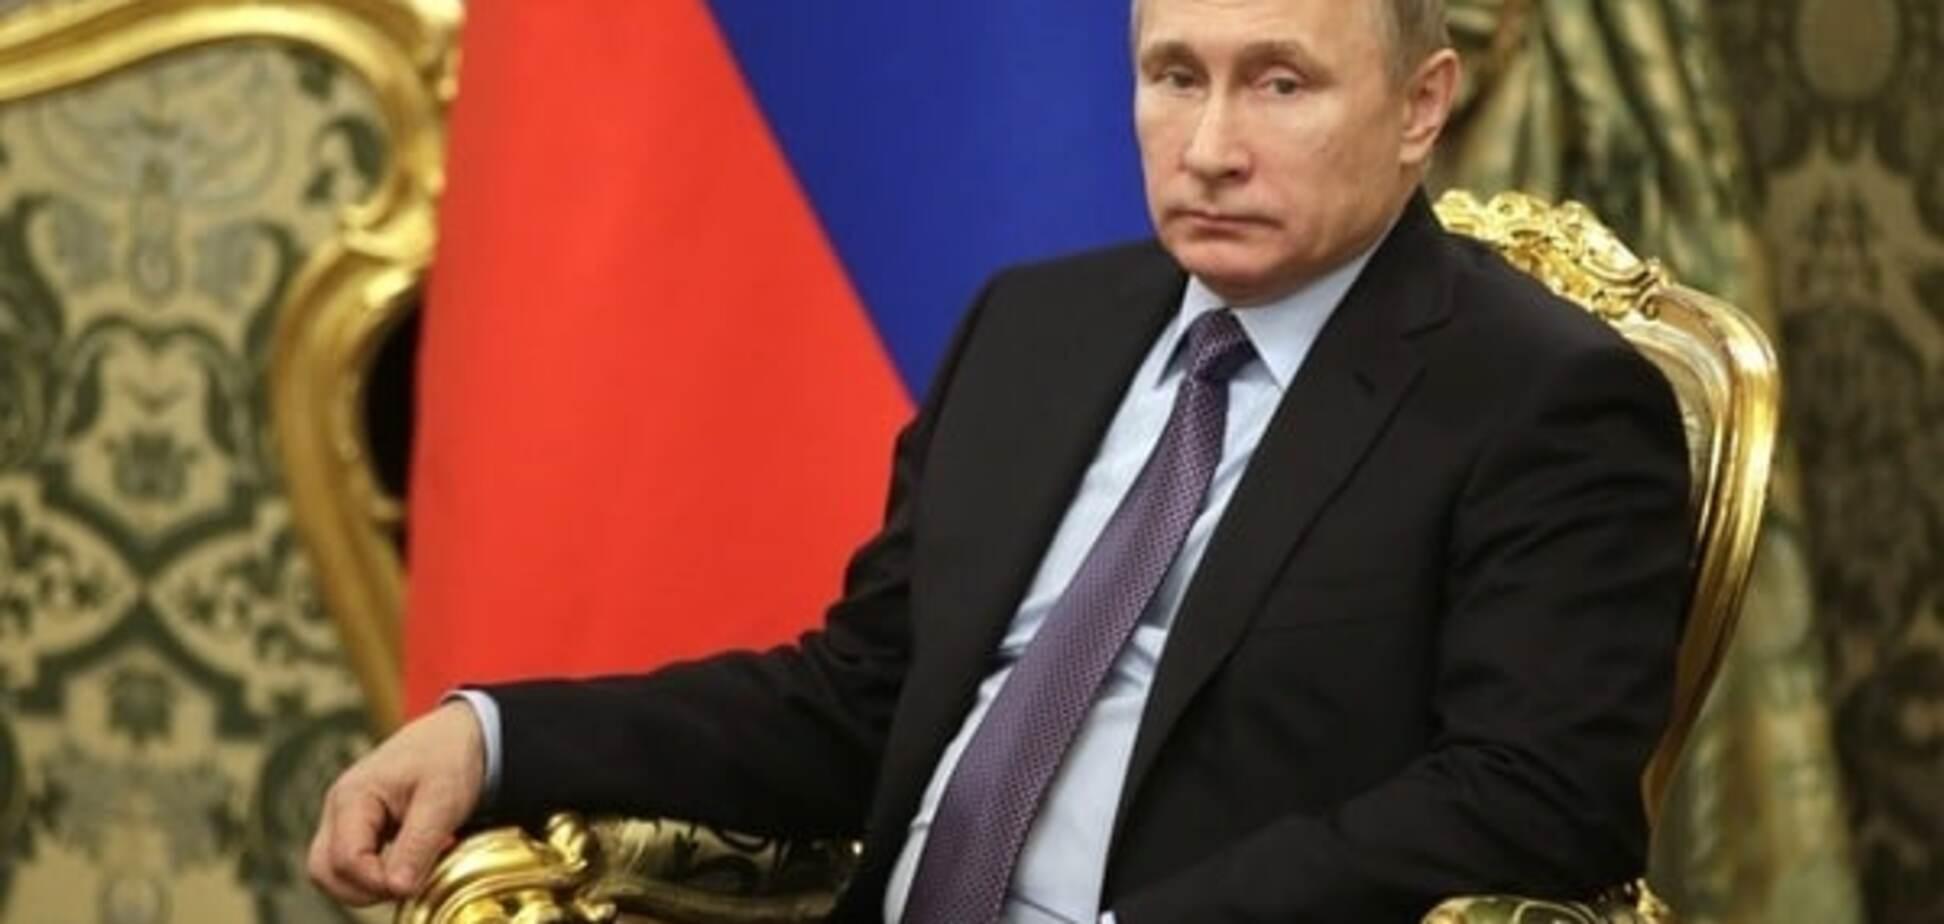 Вечный Путин: генерал рассказал об угрозах для президента России